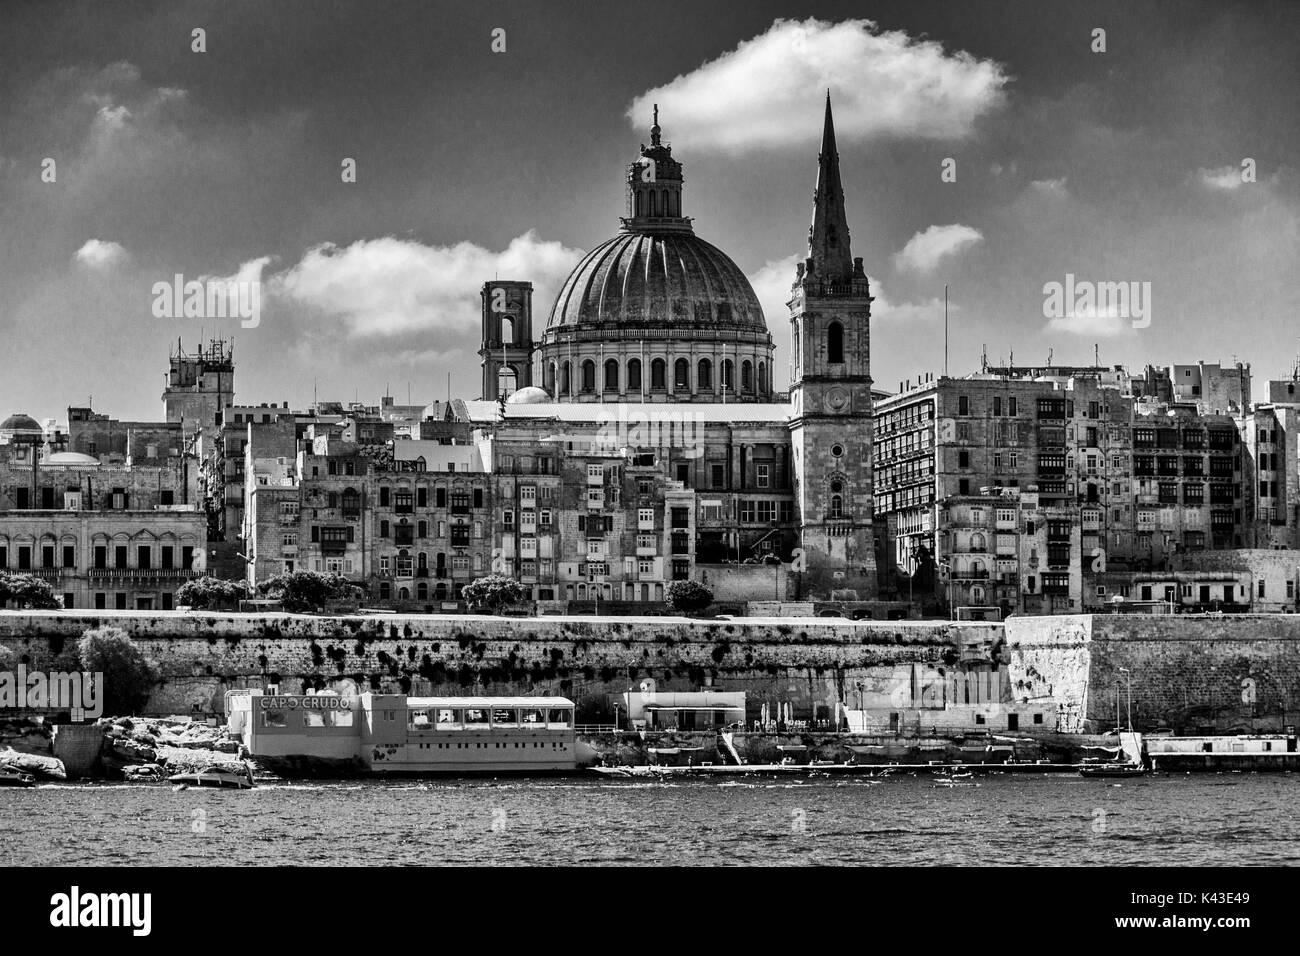 Black and white photograph of Valletta, capital of Malta, from Marsamxett Harbour - Stock Image